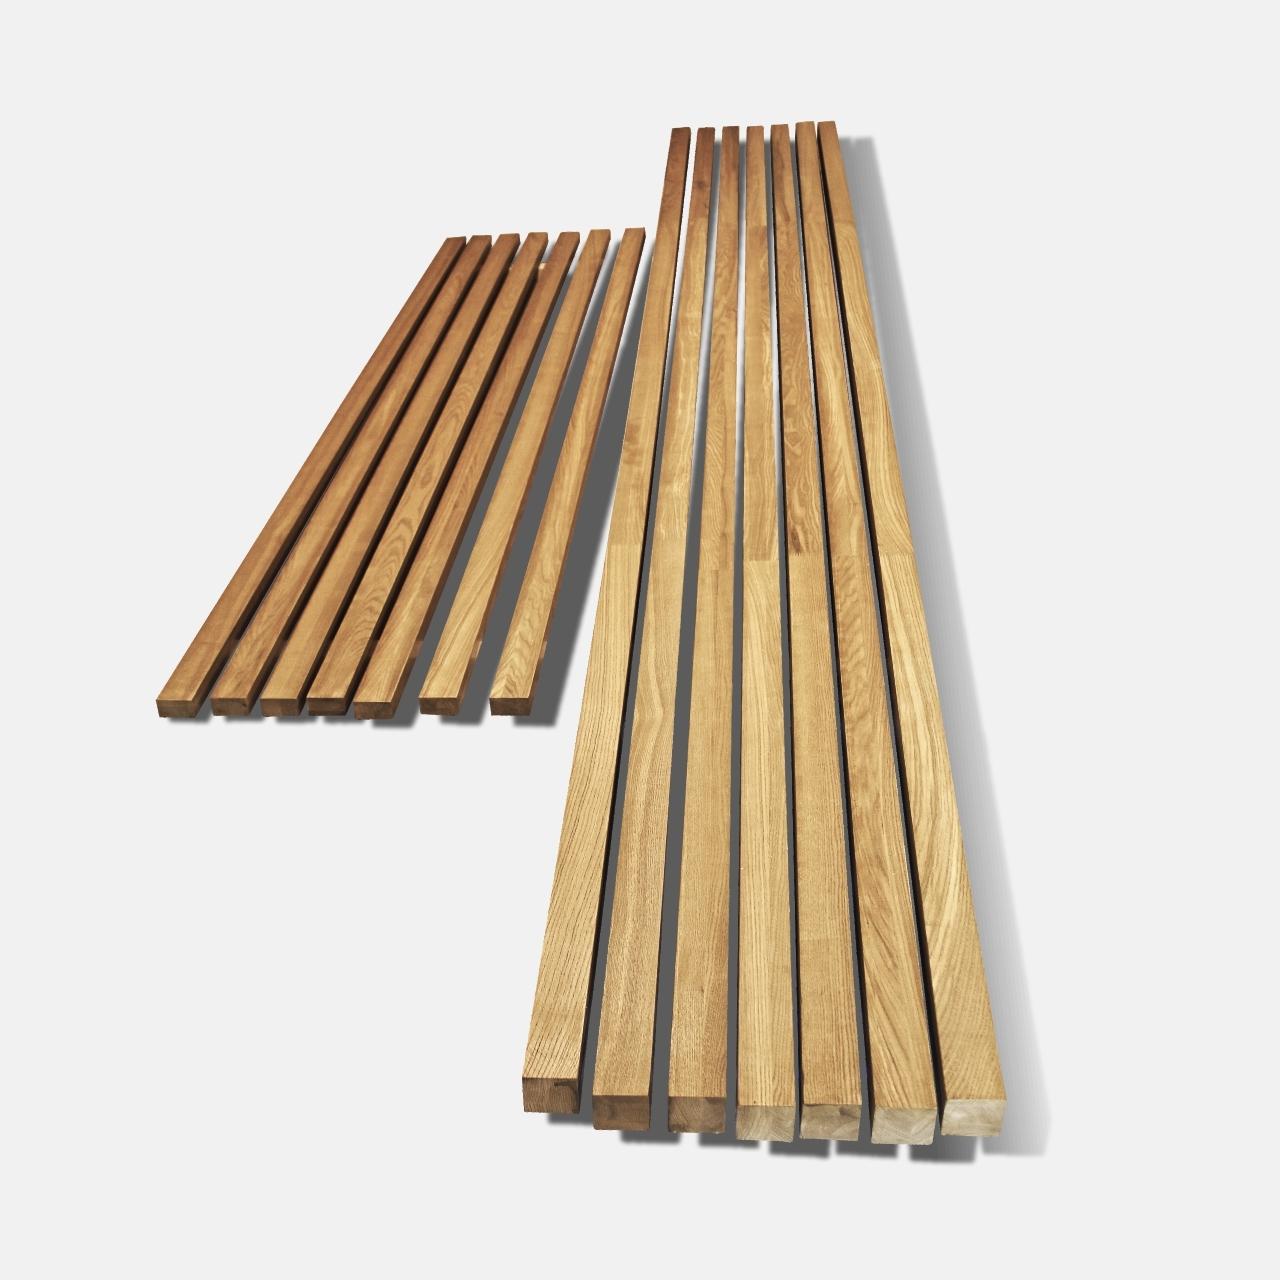 Декоративные рейки для стен из дерева